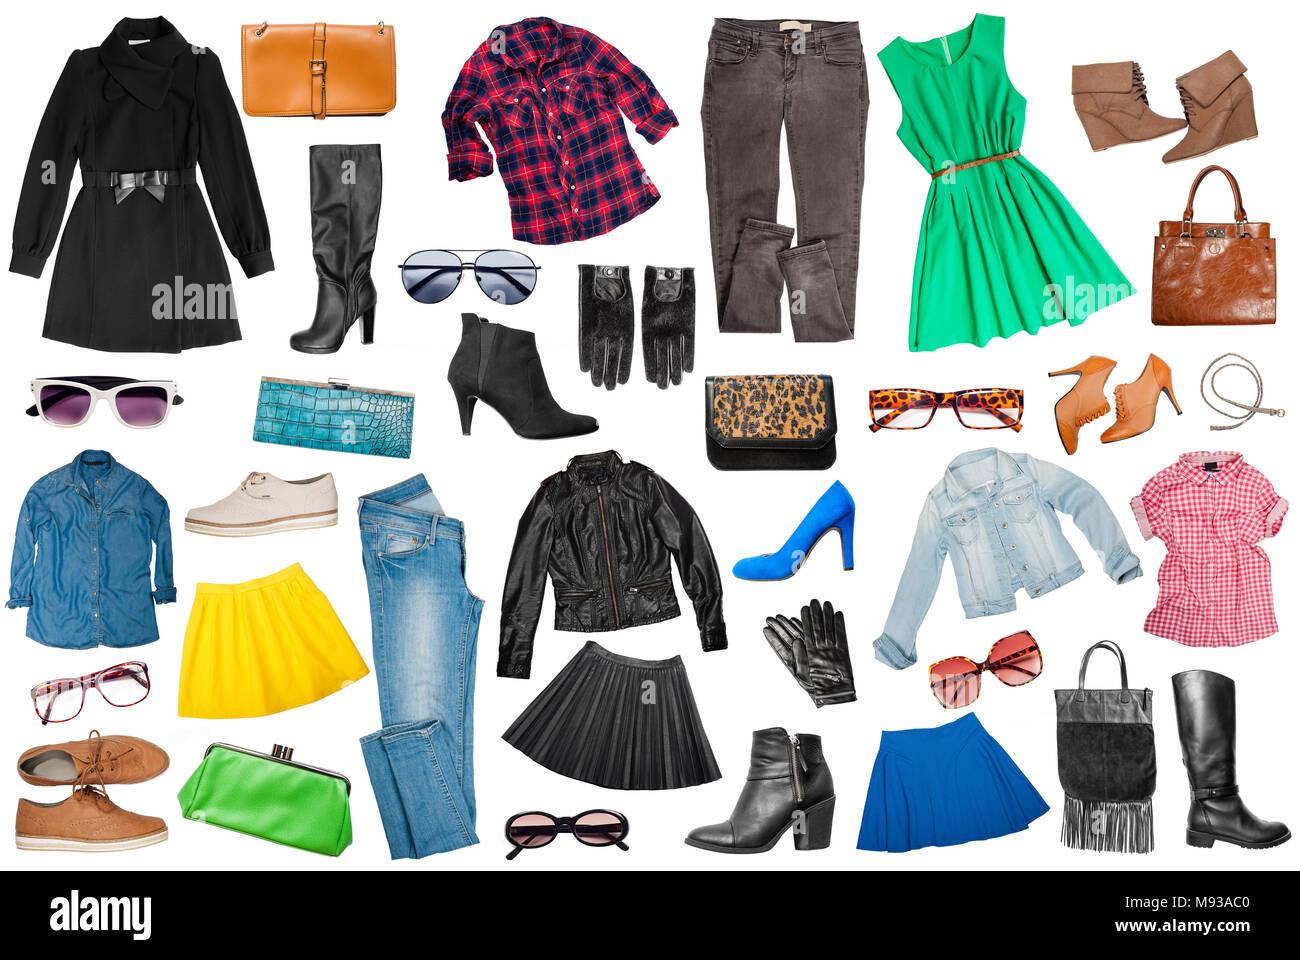 Conjuntos de ropa y accesorios para mujer, sport, casual y